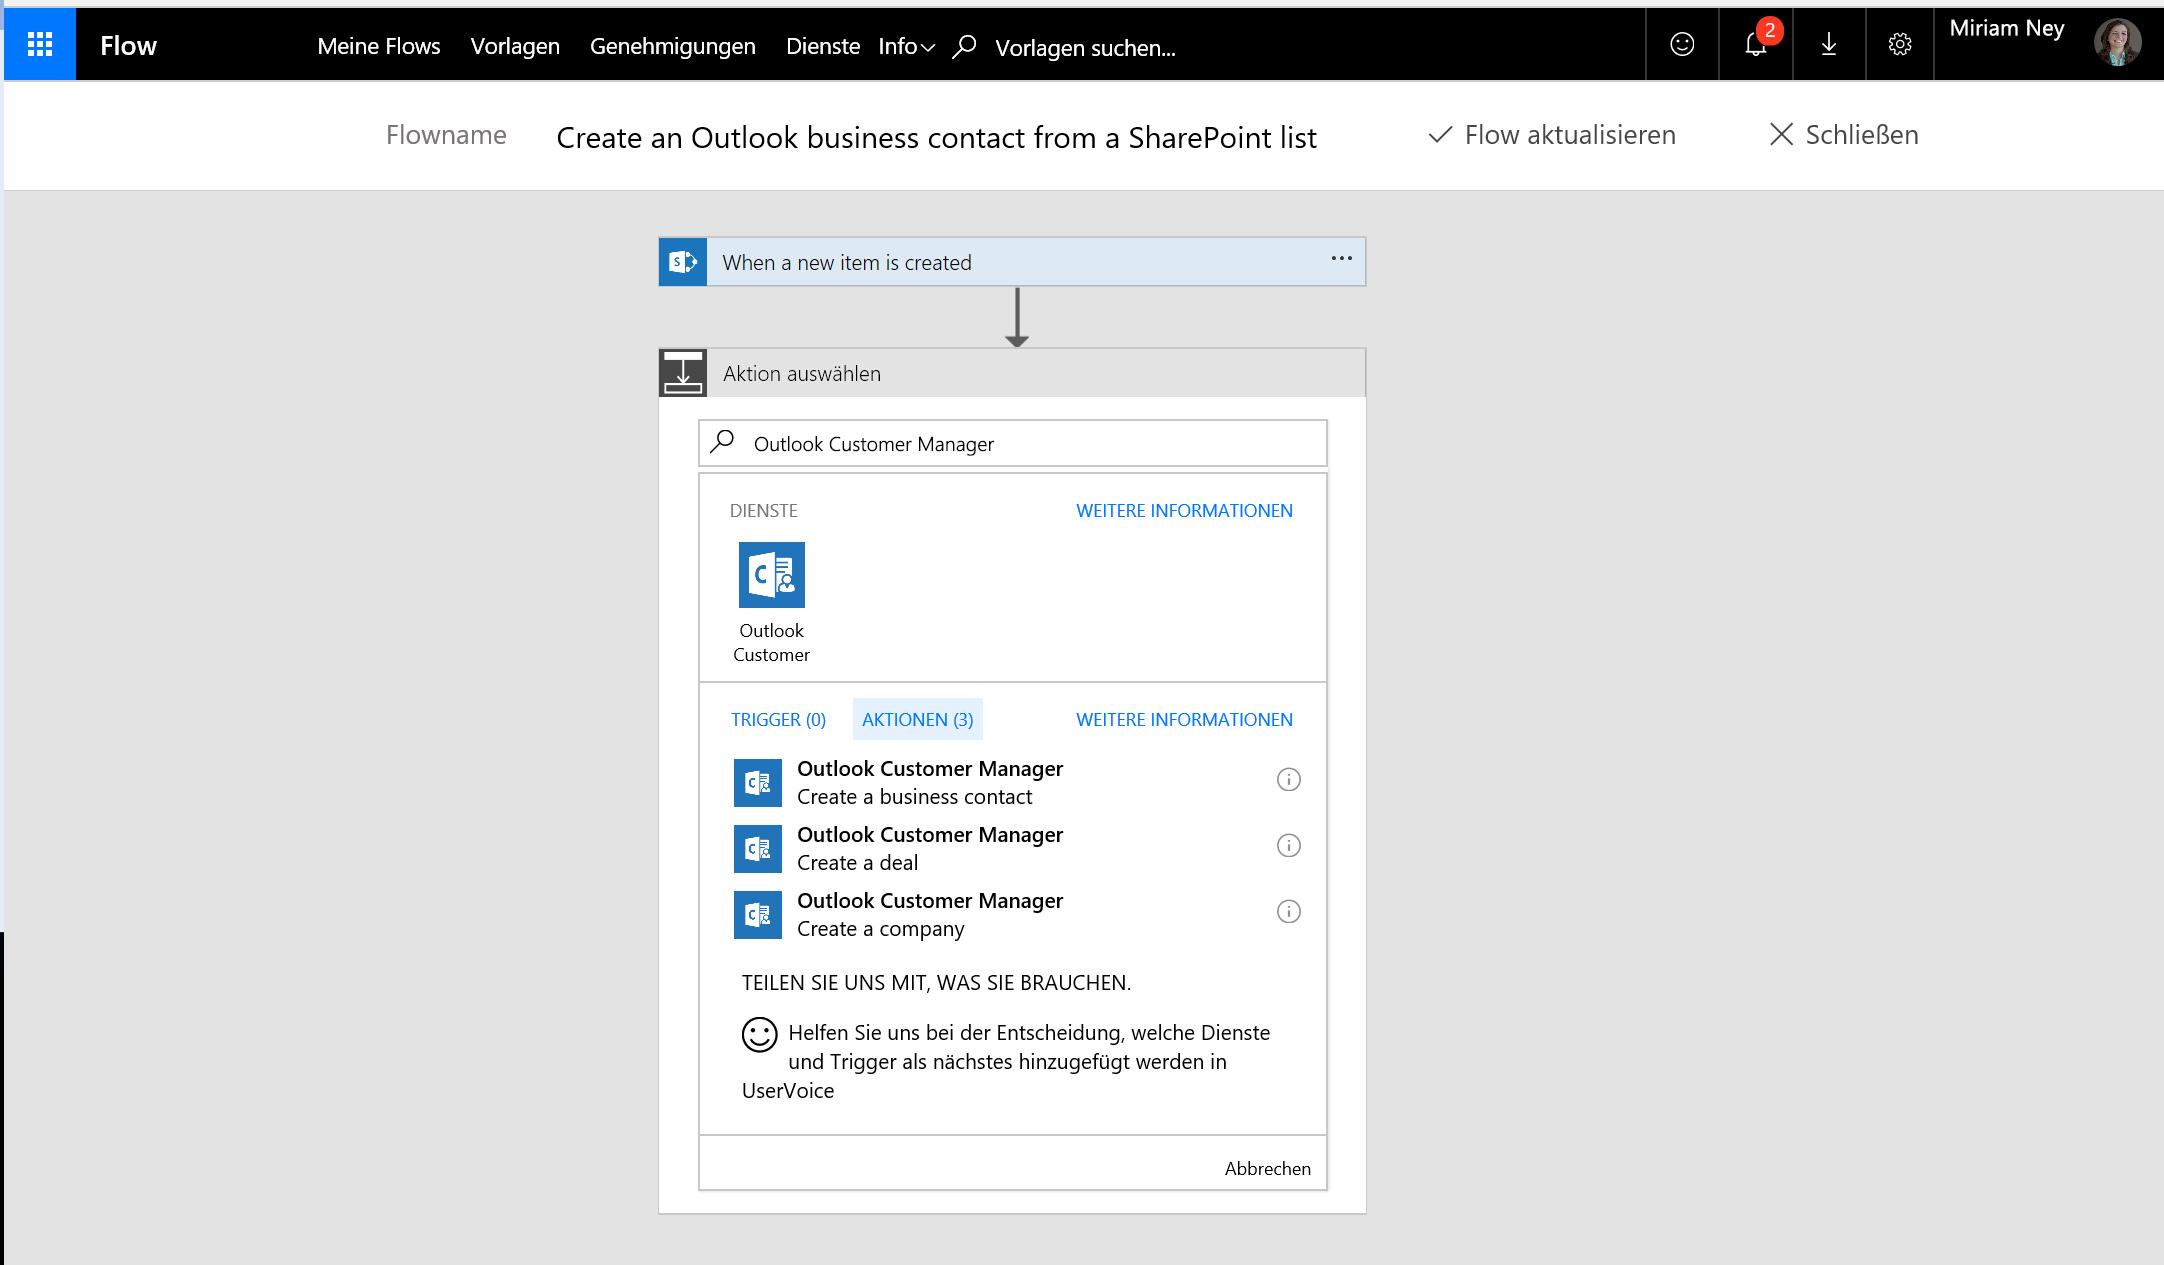 Screenshot zum Erstellen eines Kontakts mit Flow